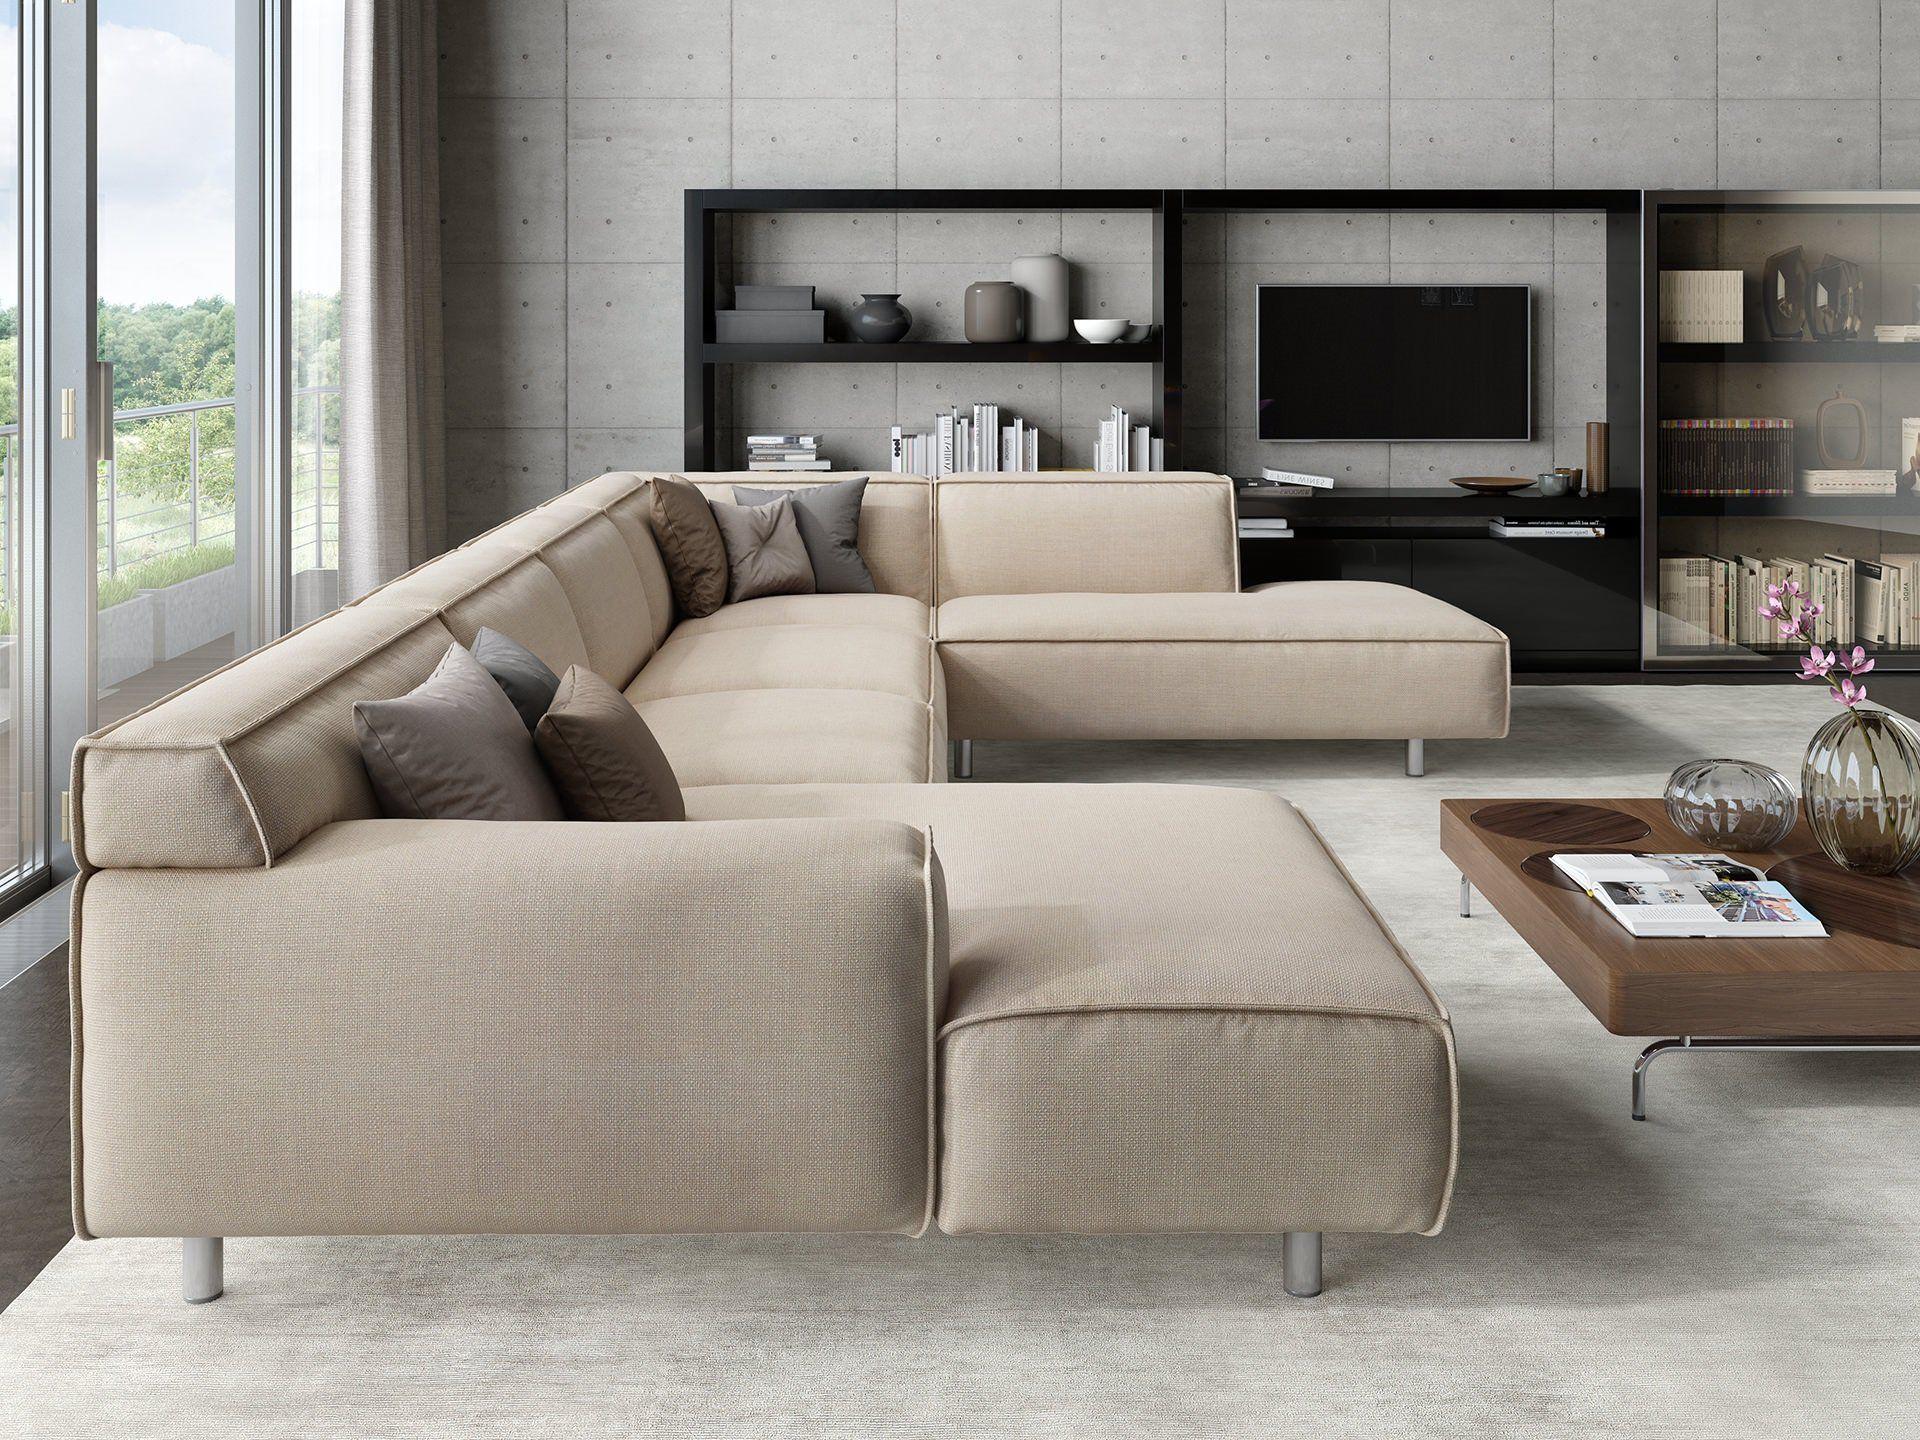 Stoff Sofa Roletto U Form Kaufen Sofanella Wohnen Sofa Stoff Einrichtung